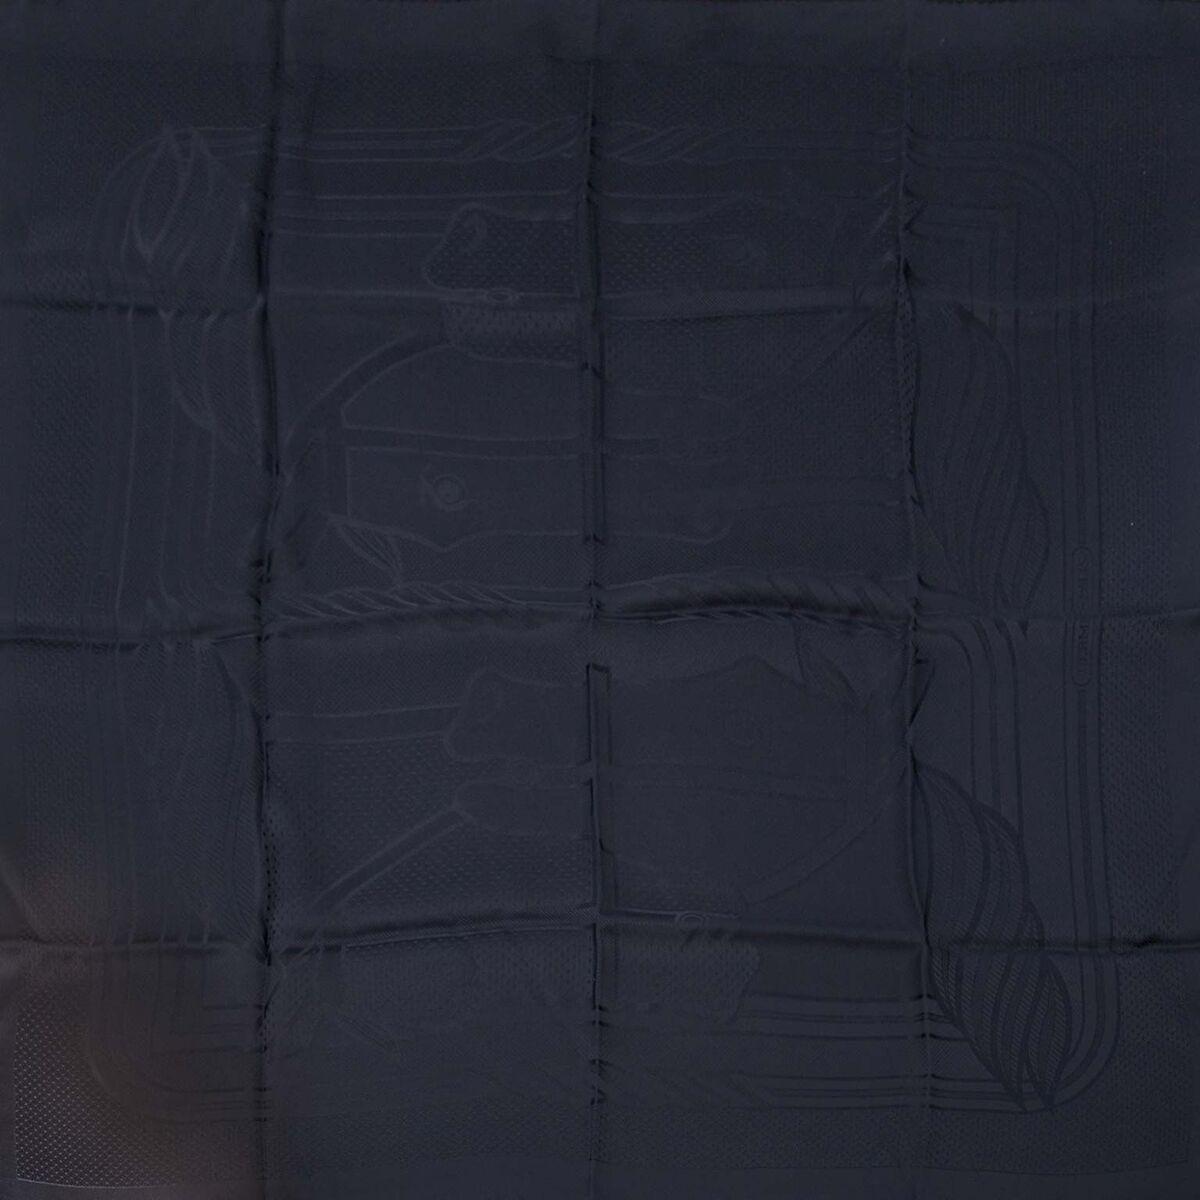 Koop authentieke tweedehands Hermes sjaals aan een eerlijke prijs bij LabelLOV. Veilig online shoppen.